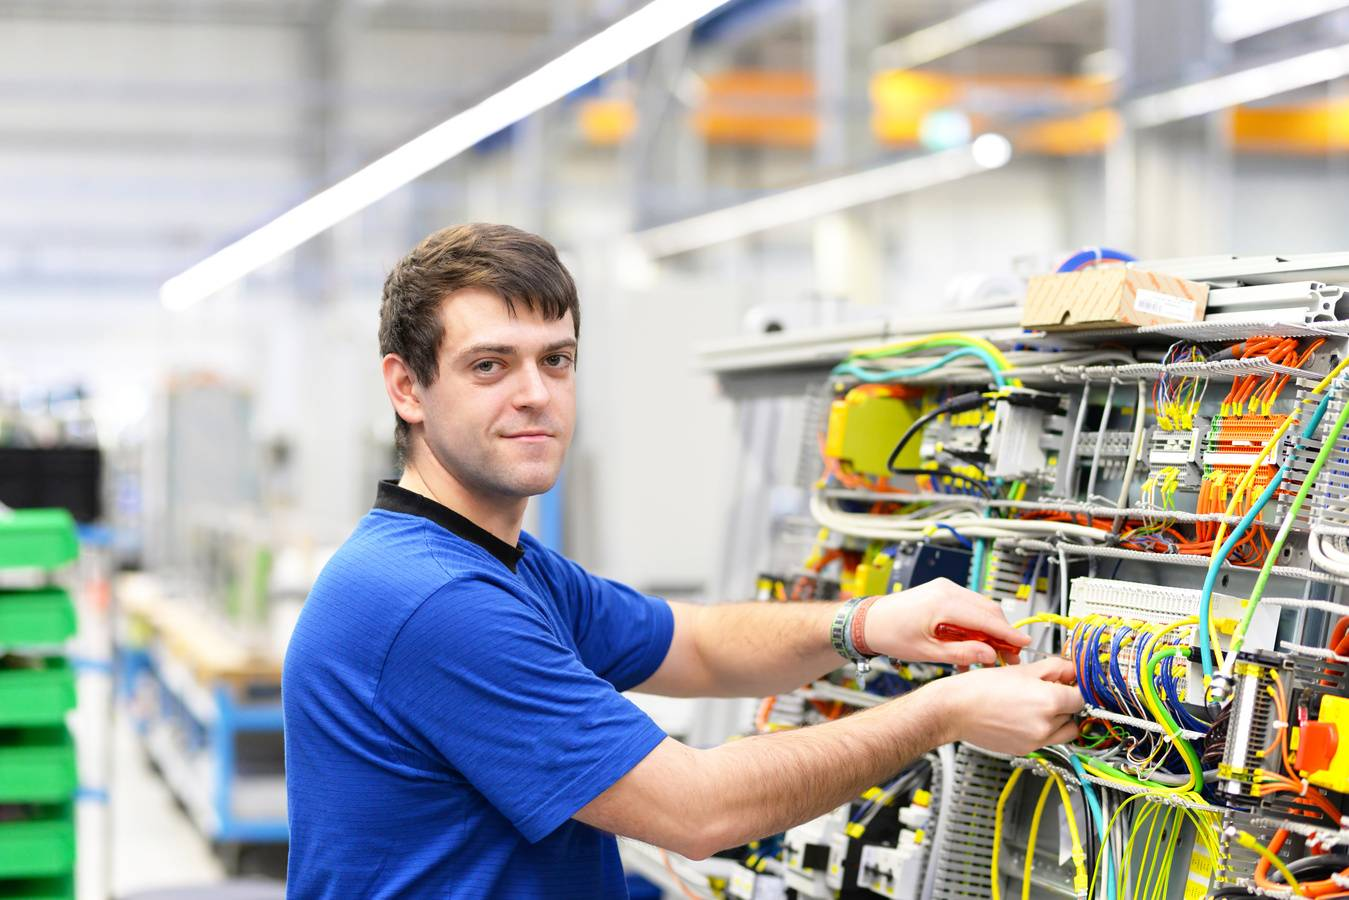 Elektroniker - Informations- und Systemtechnik